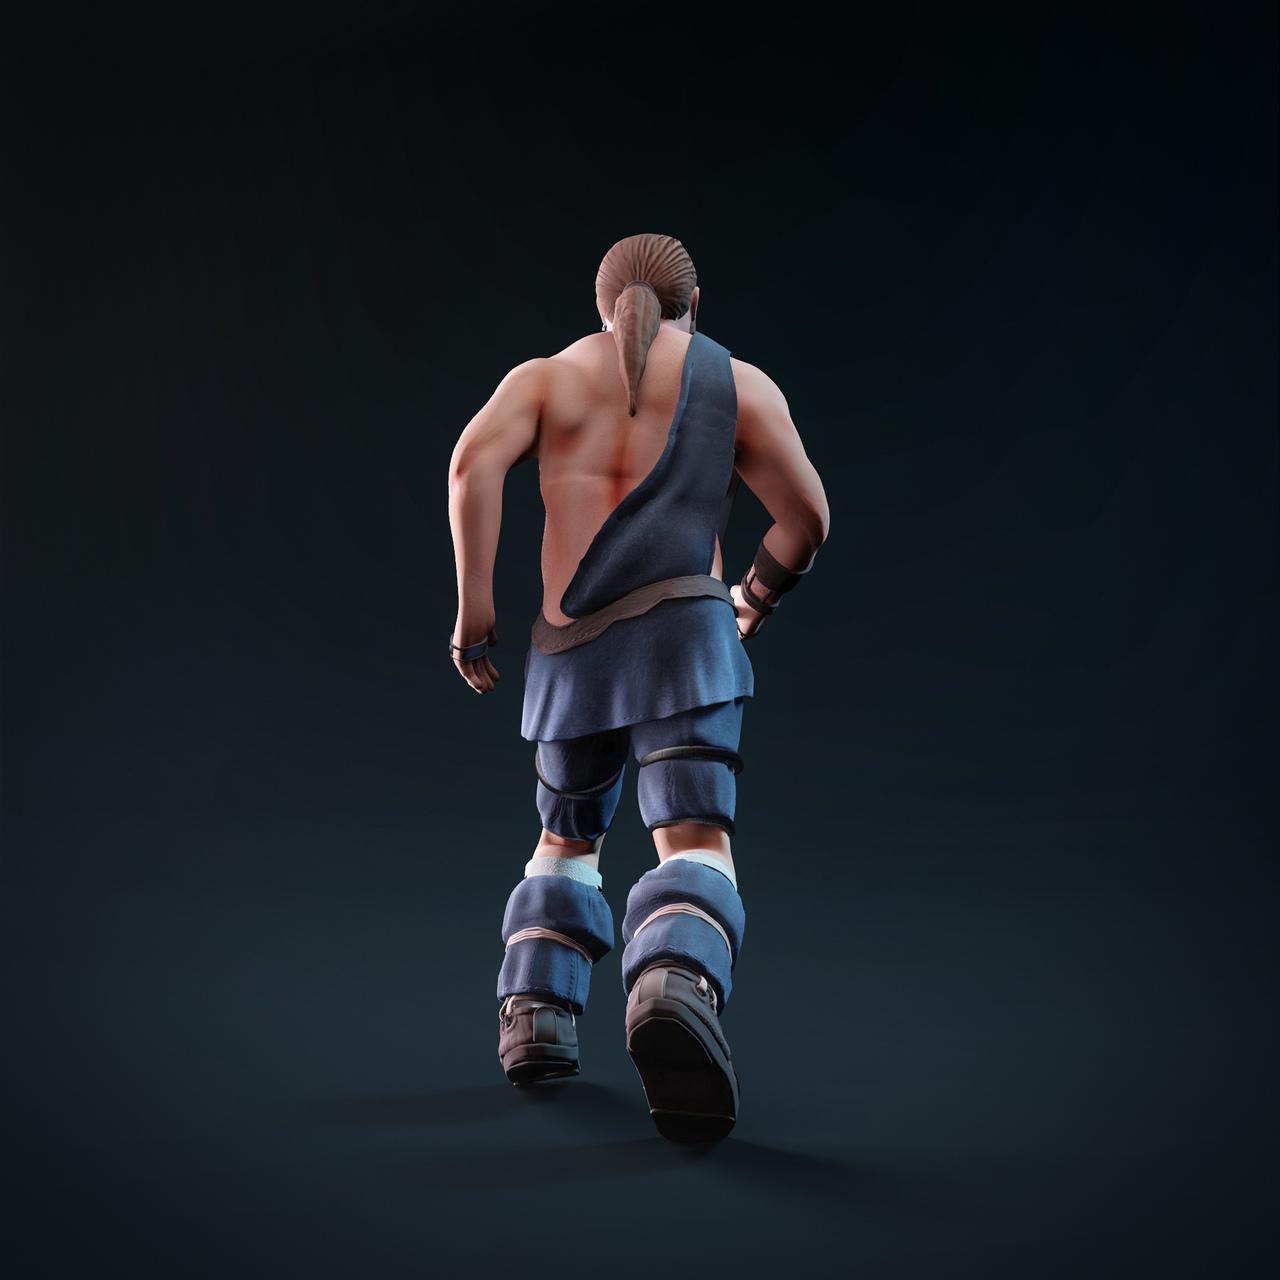 Male character Blender eevee